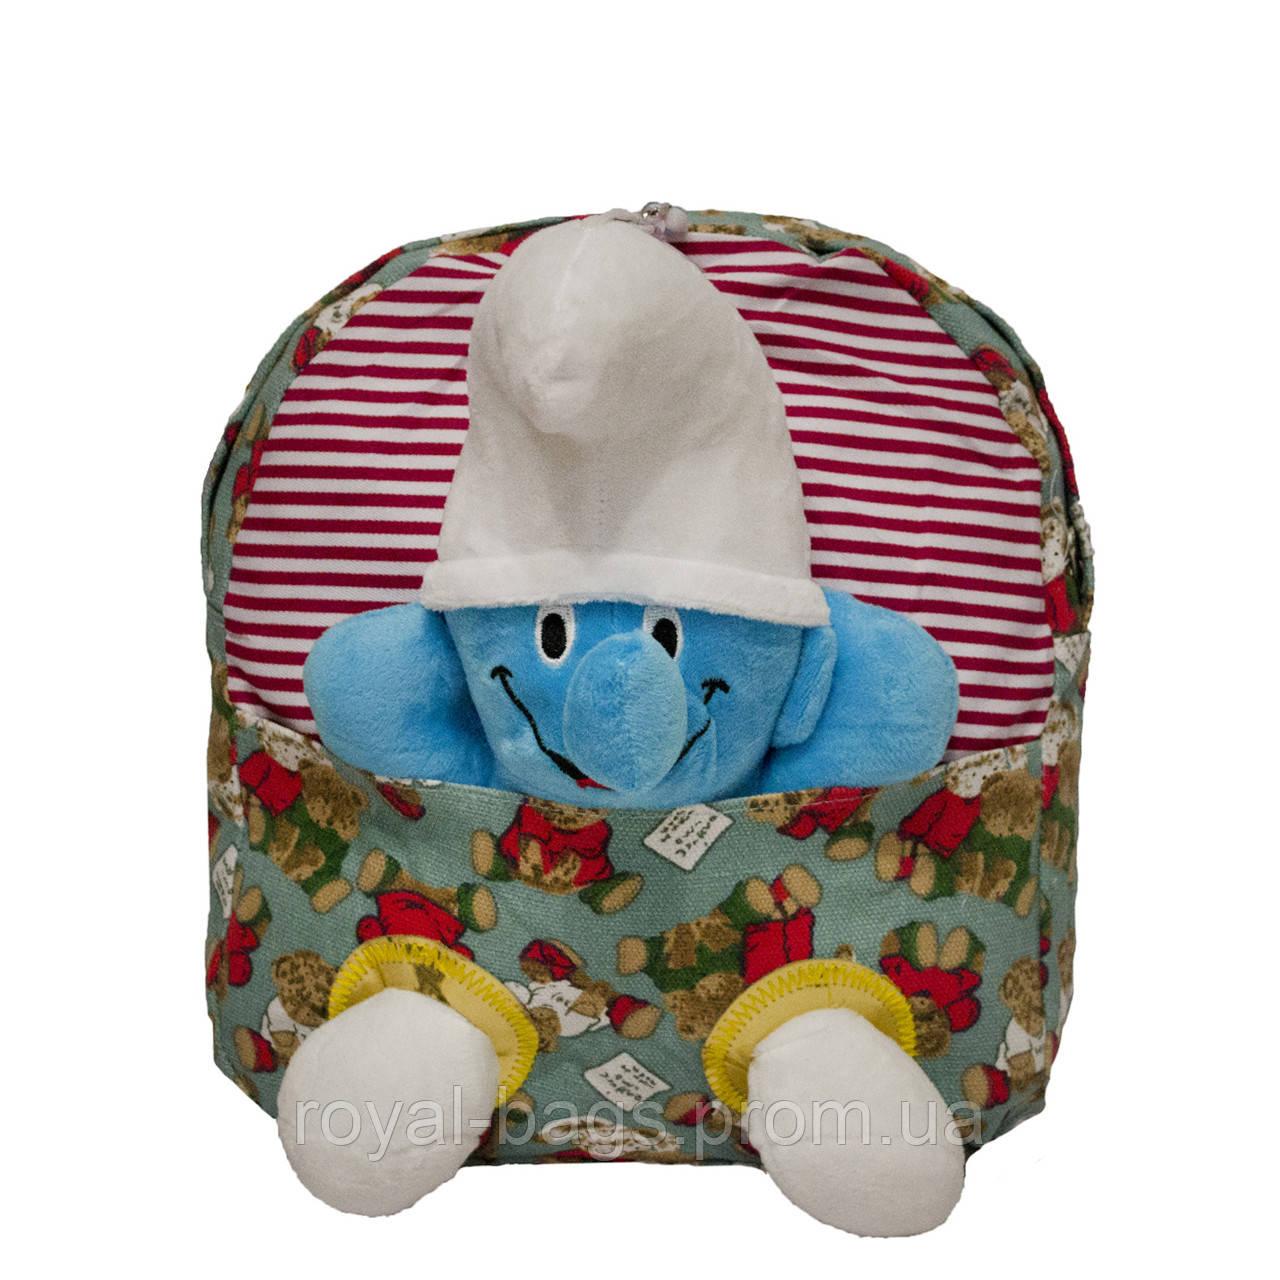 Рюкзак с игрушкой Смурфик 3 Цвета Голубой